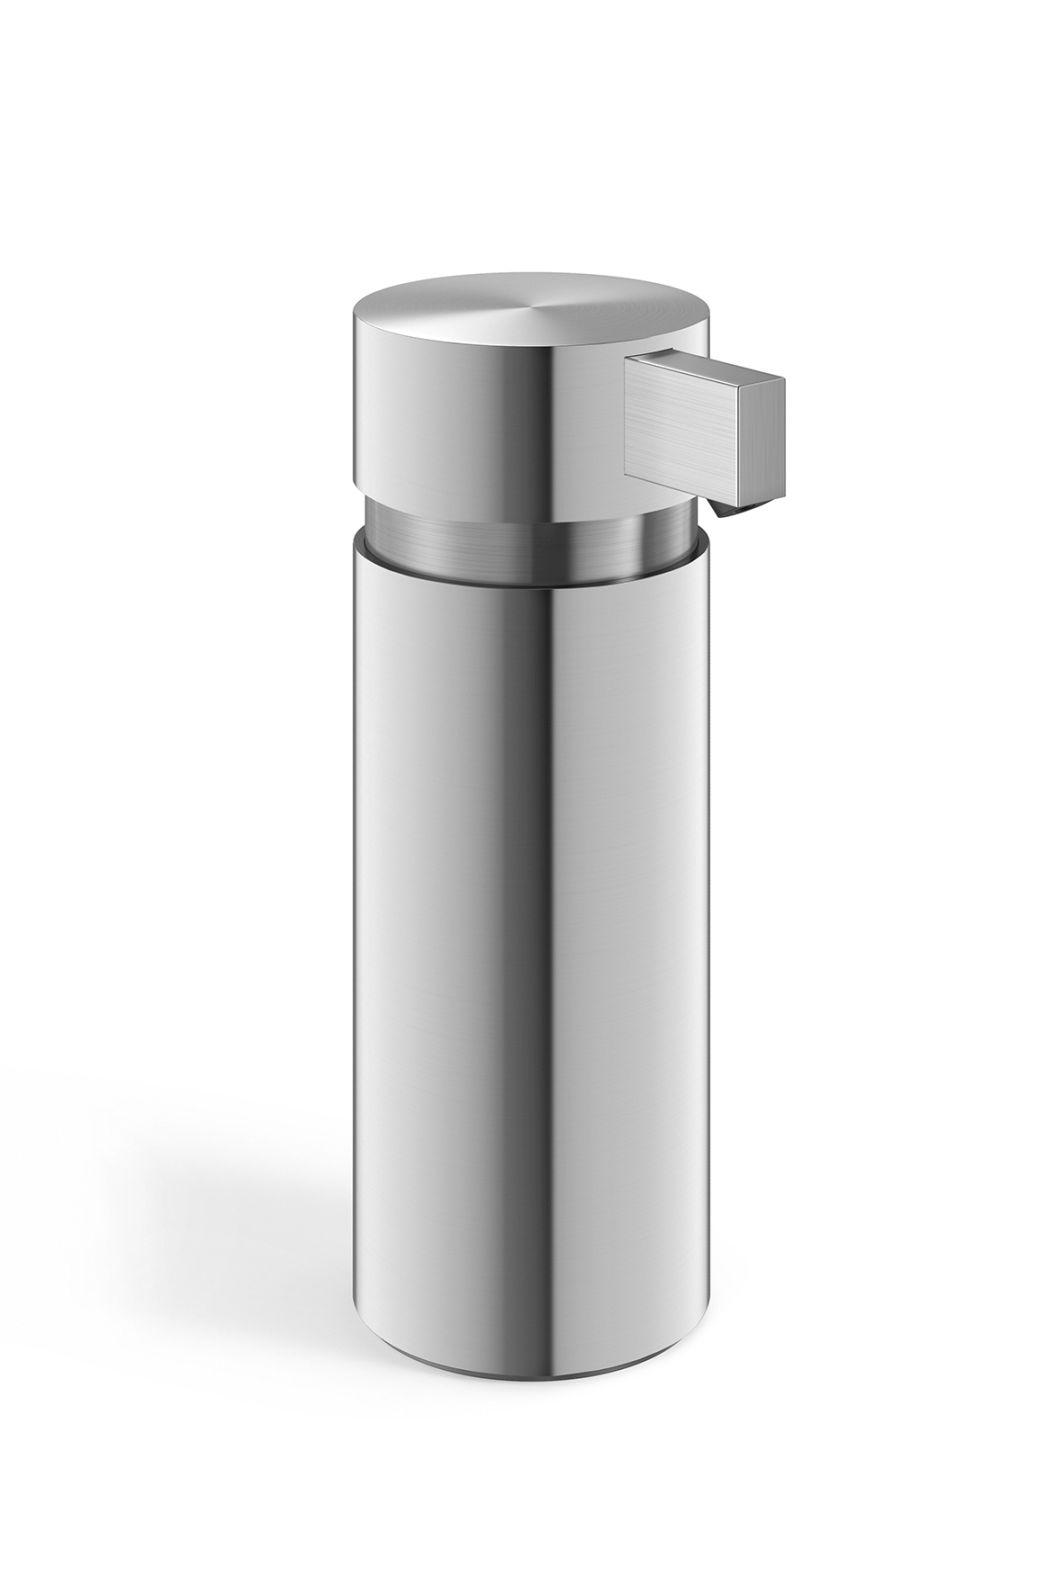 Dávkovač na mýdlo TORES 200 ml - ZACK